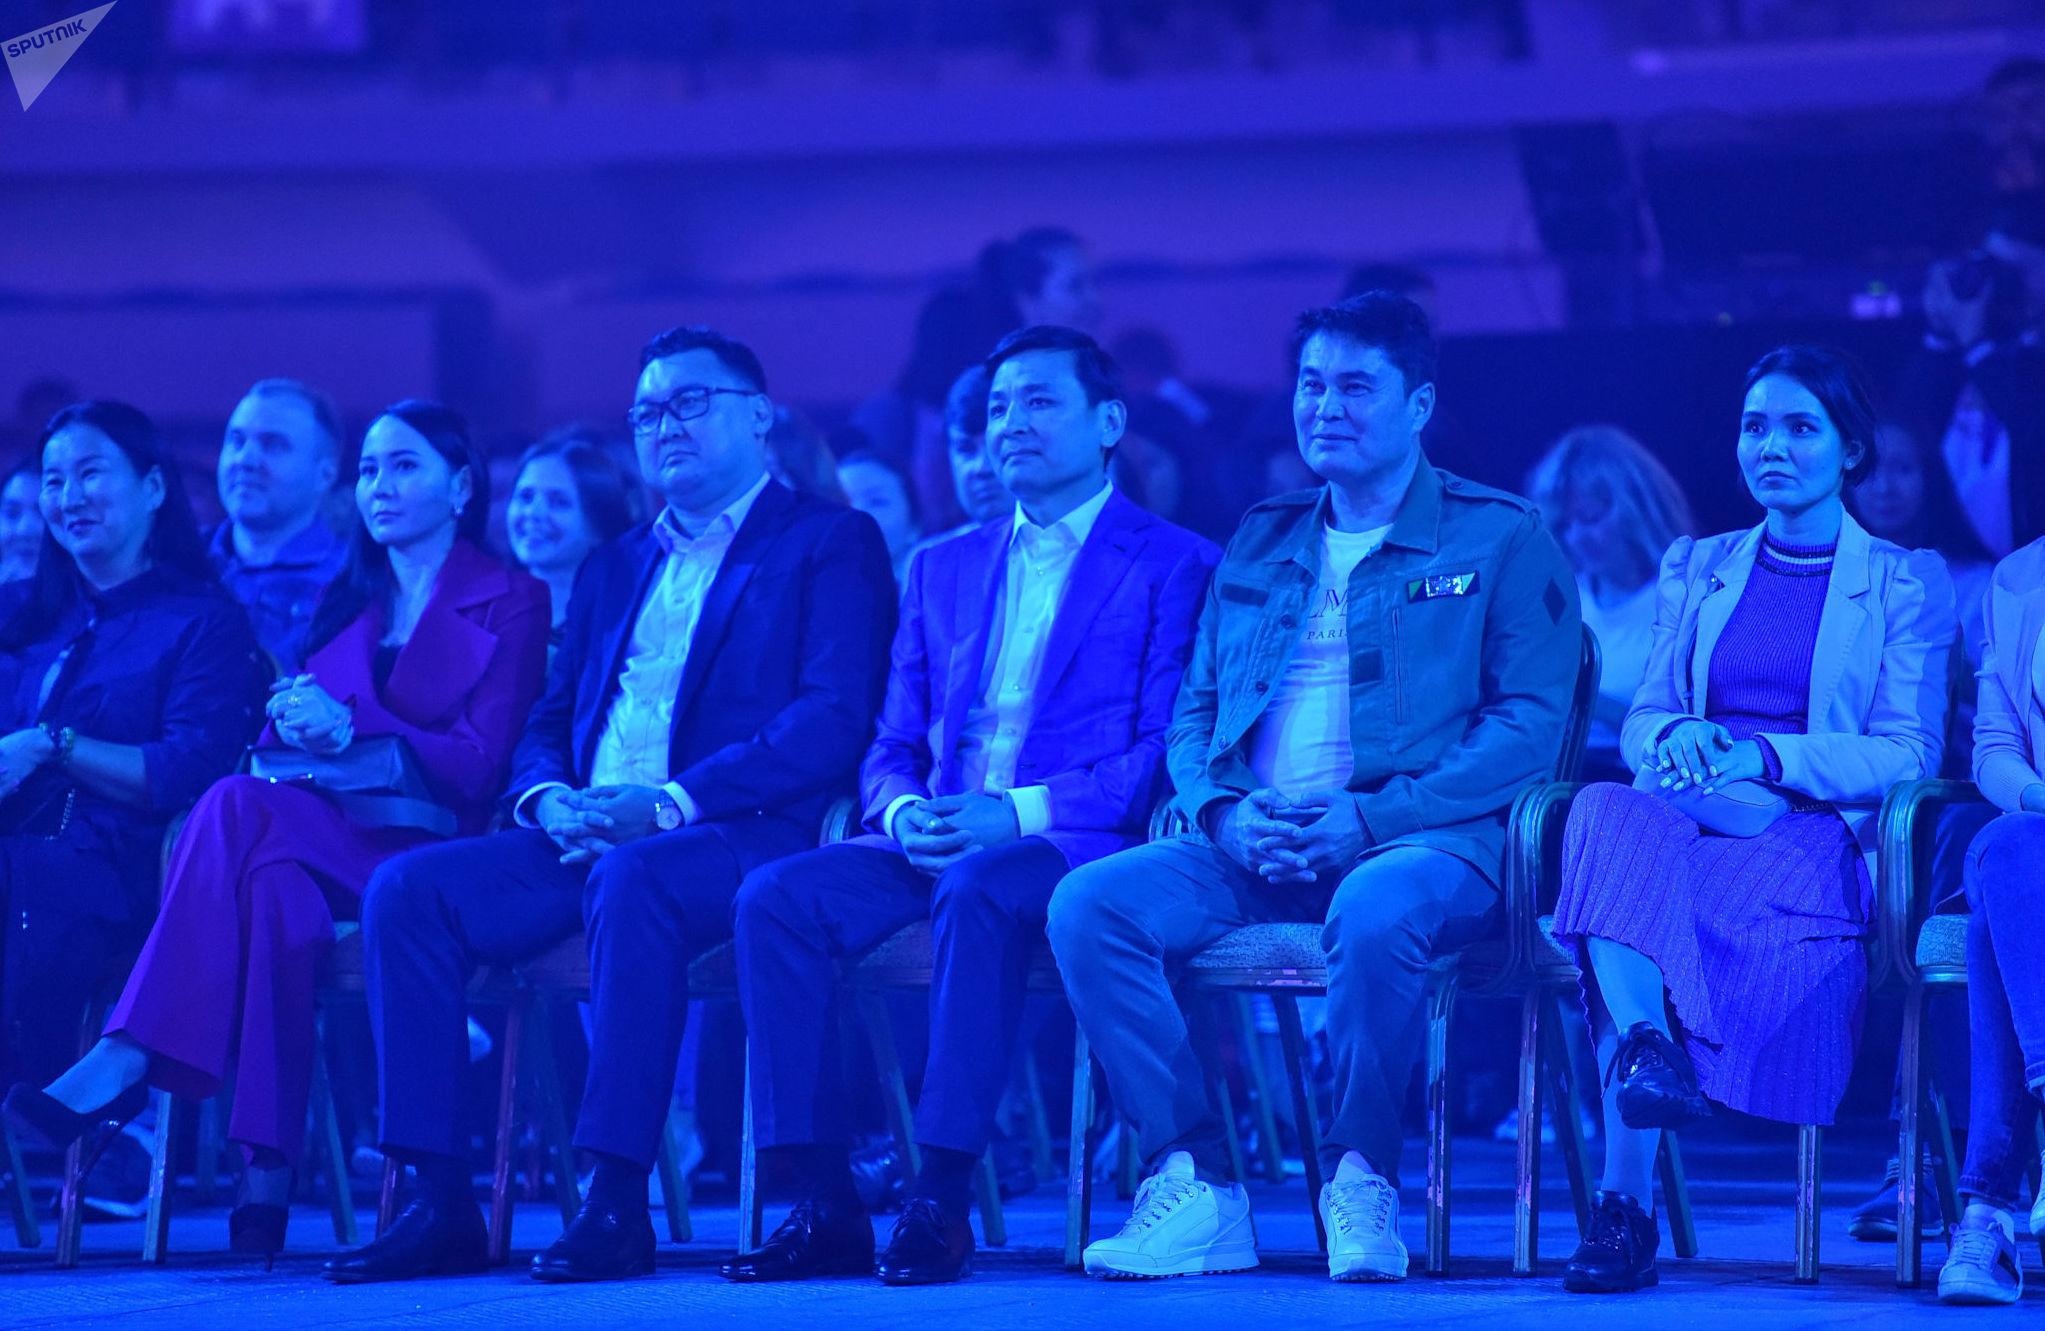 Фестиваль Nur-Sultan Music Awards 2019 посетил аким города Алтай Кульгинов вместе с известным российским продюсером Арманом Давлетьяровым